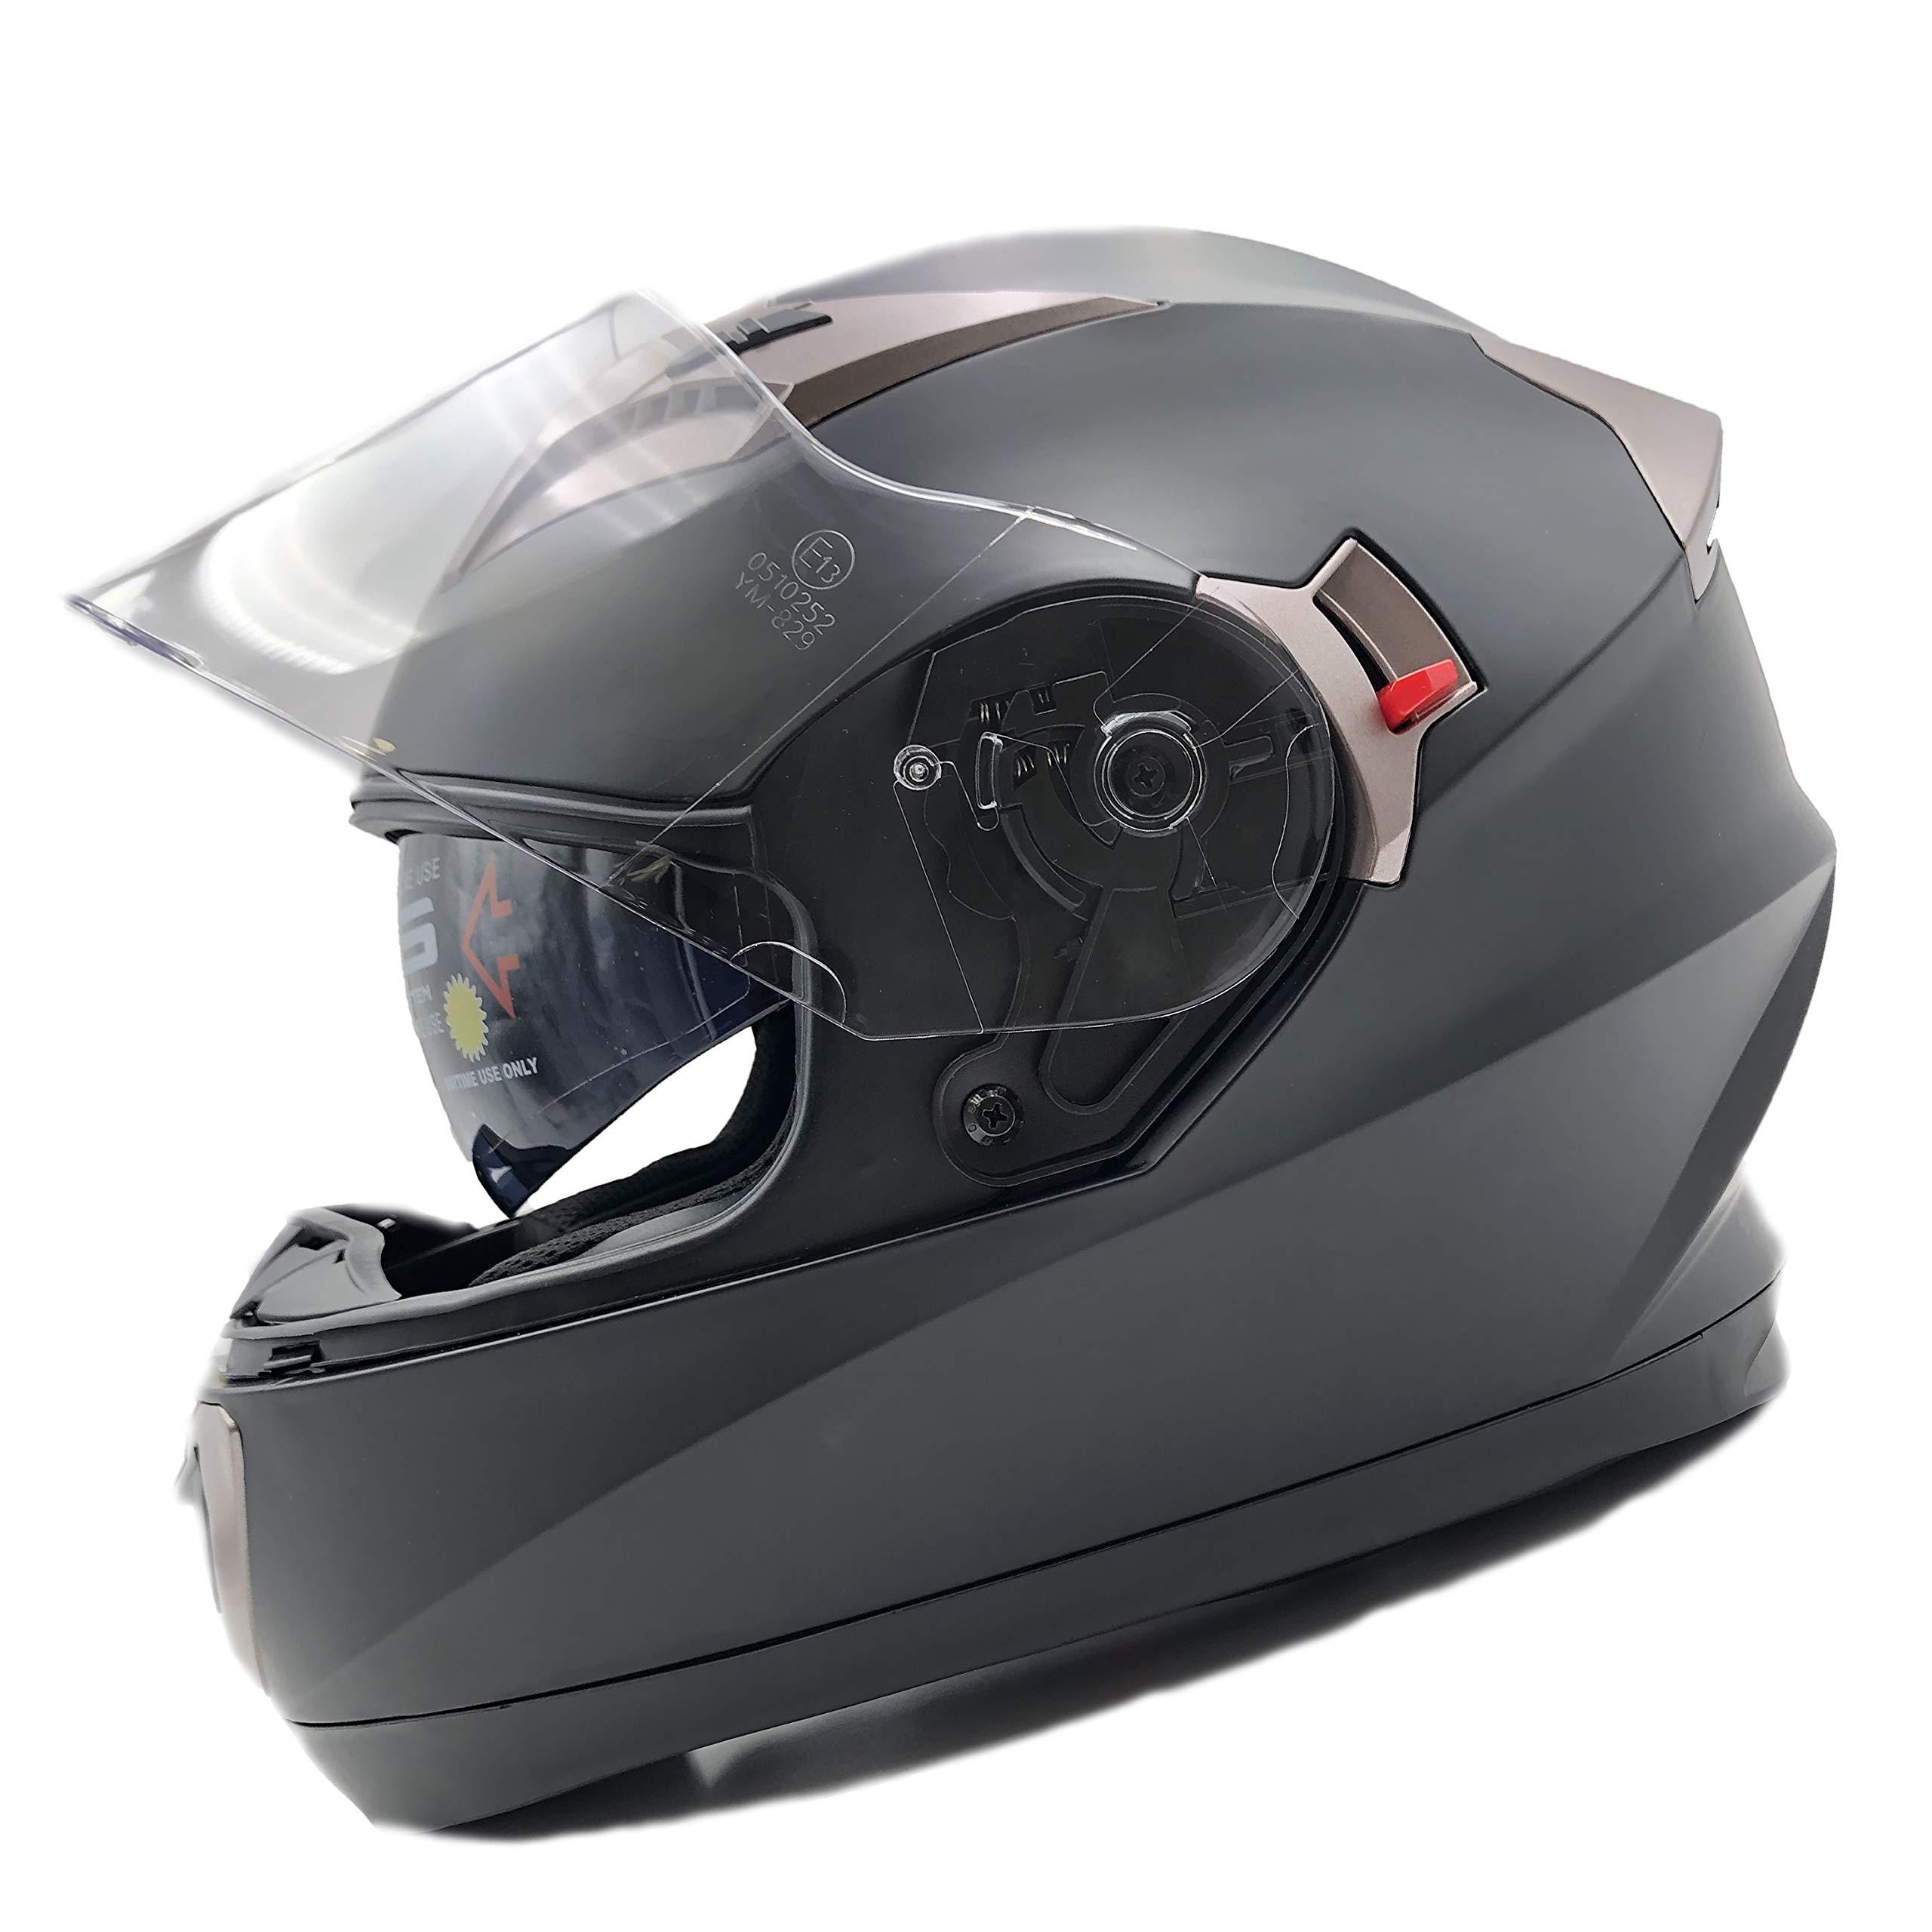 Amazon.es: Nat Hut Casco Moto Integral ECE Homologado. Casco Scooter para Hombre y Mujer. Casco Unisex Negro de Motocicleta para Adultos con Doble Visera Anti-rasguños y Protección Rayos UV (L 58-60cm, Negro)